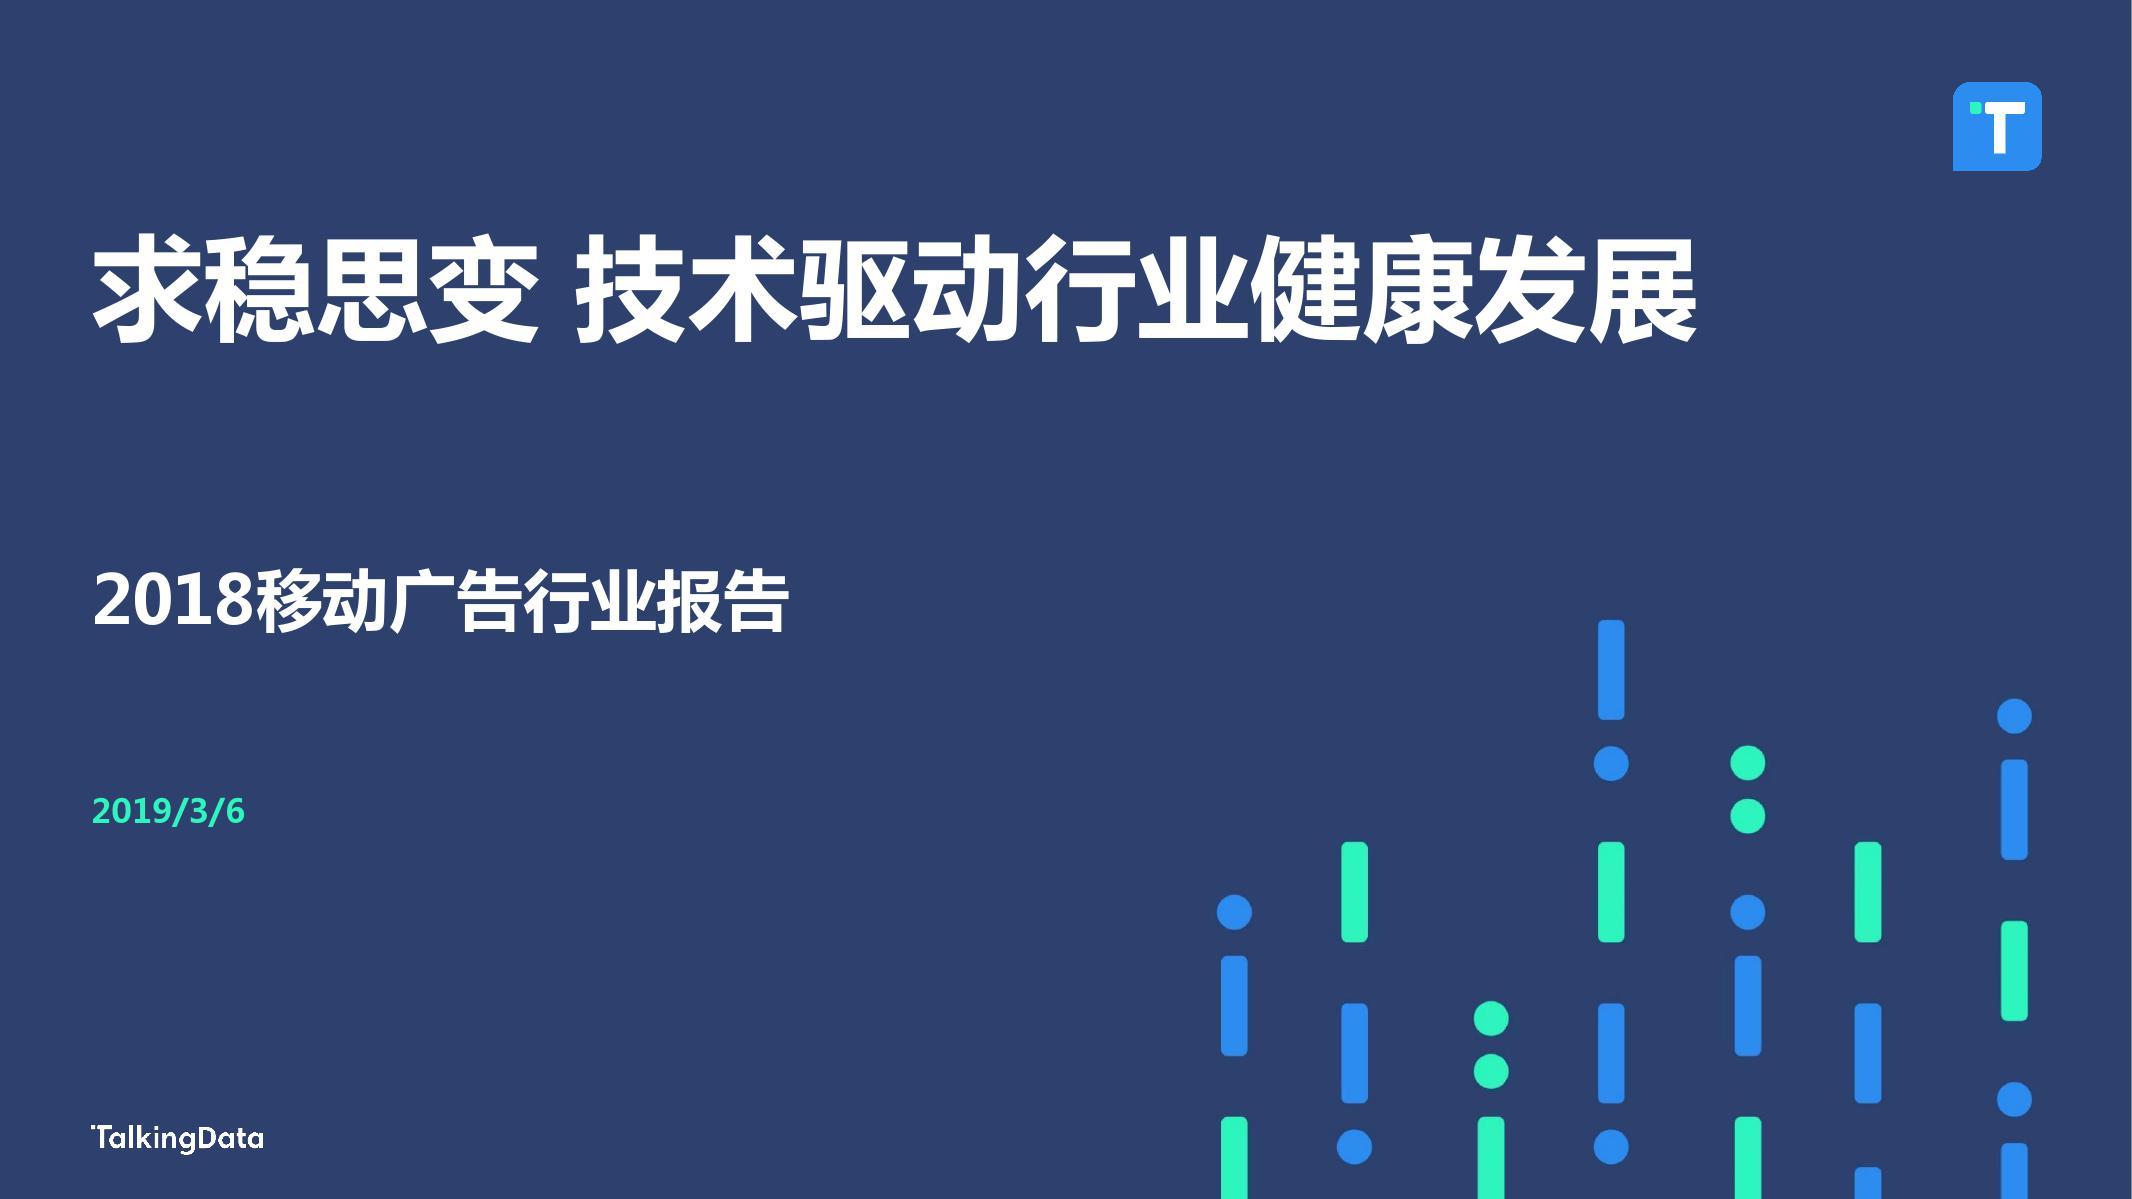 TalkingData:2018移动广告行业报告-CNMOAD 中文移动营销资讯 1